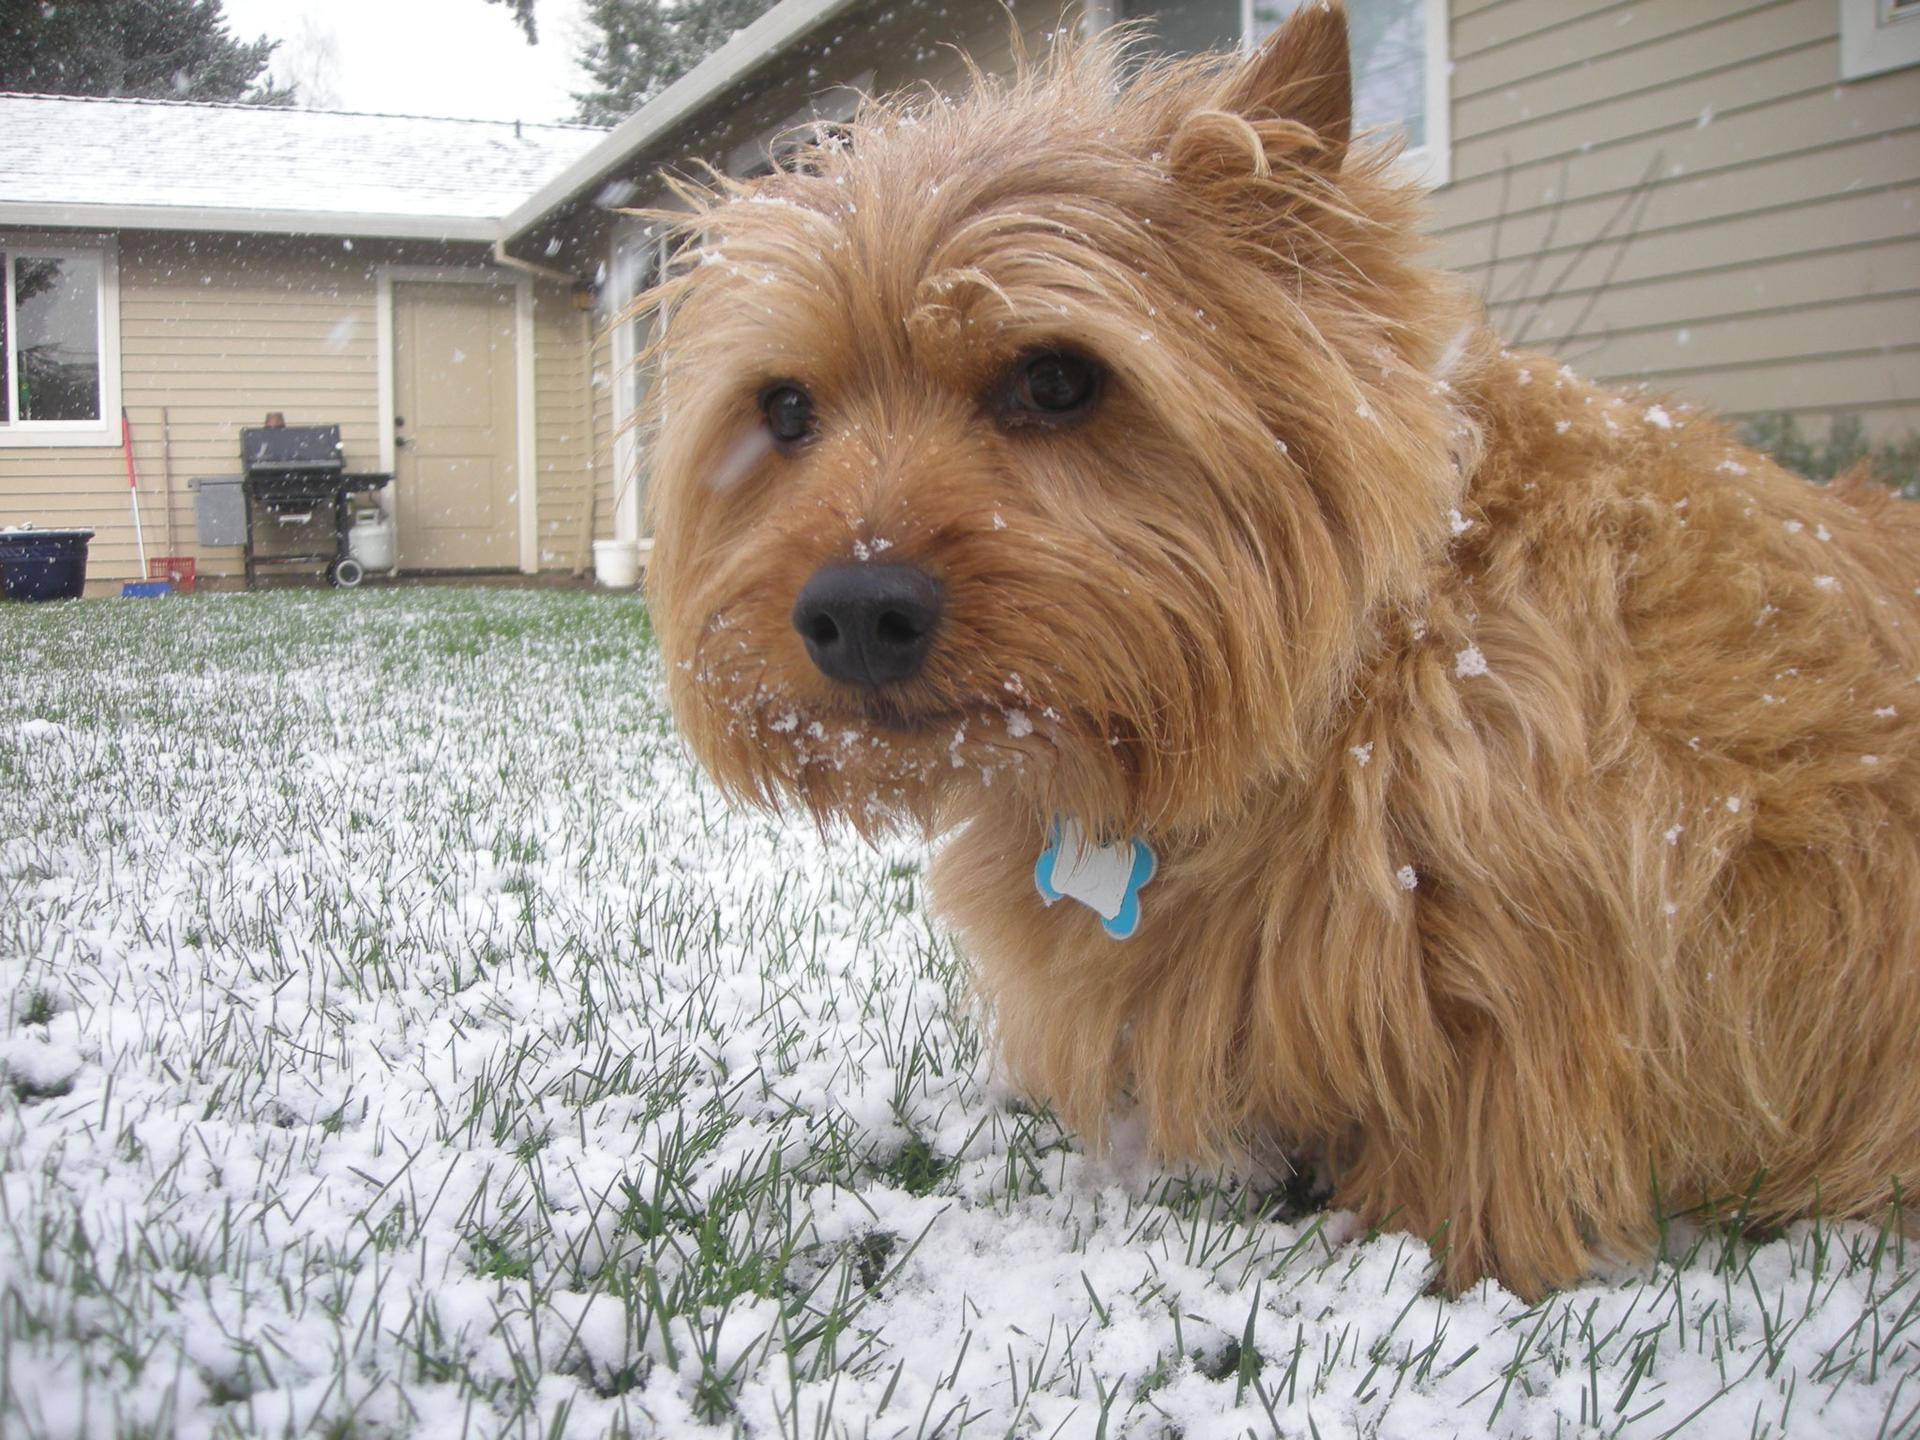 Порода собак норвич-терьер: фото, видео, описание породы и характер